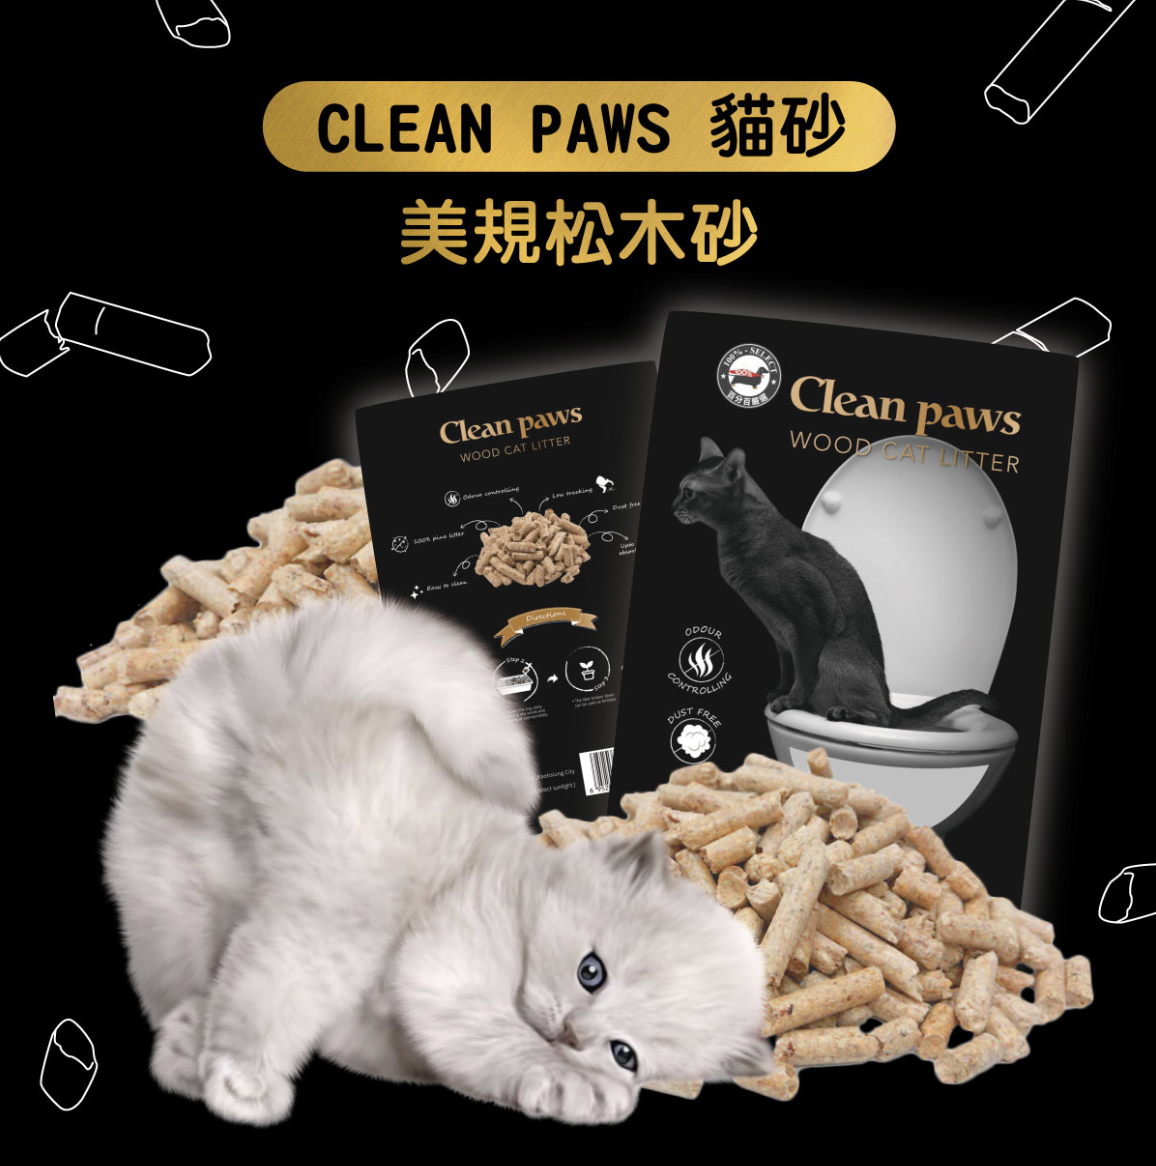 松木砂是貓砂種類之一